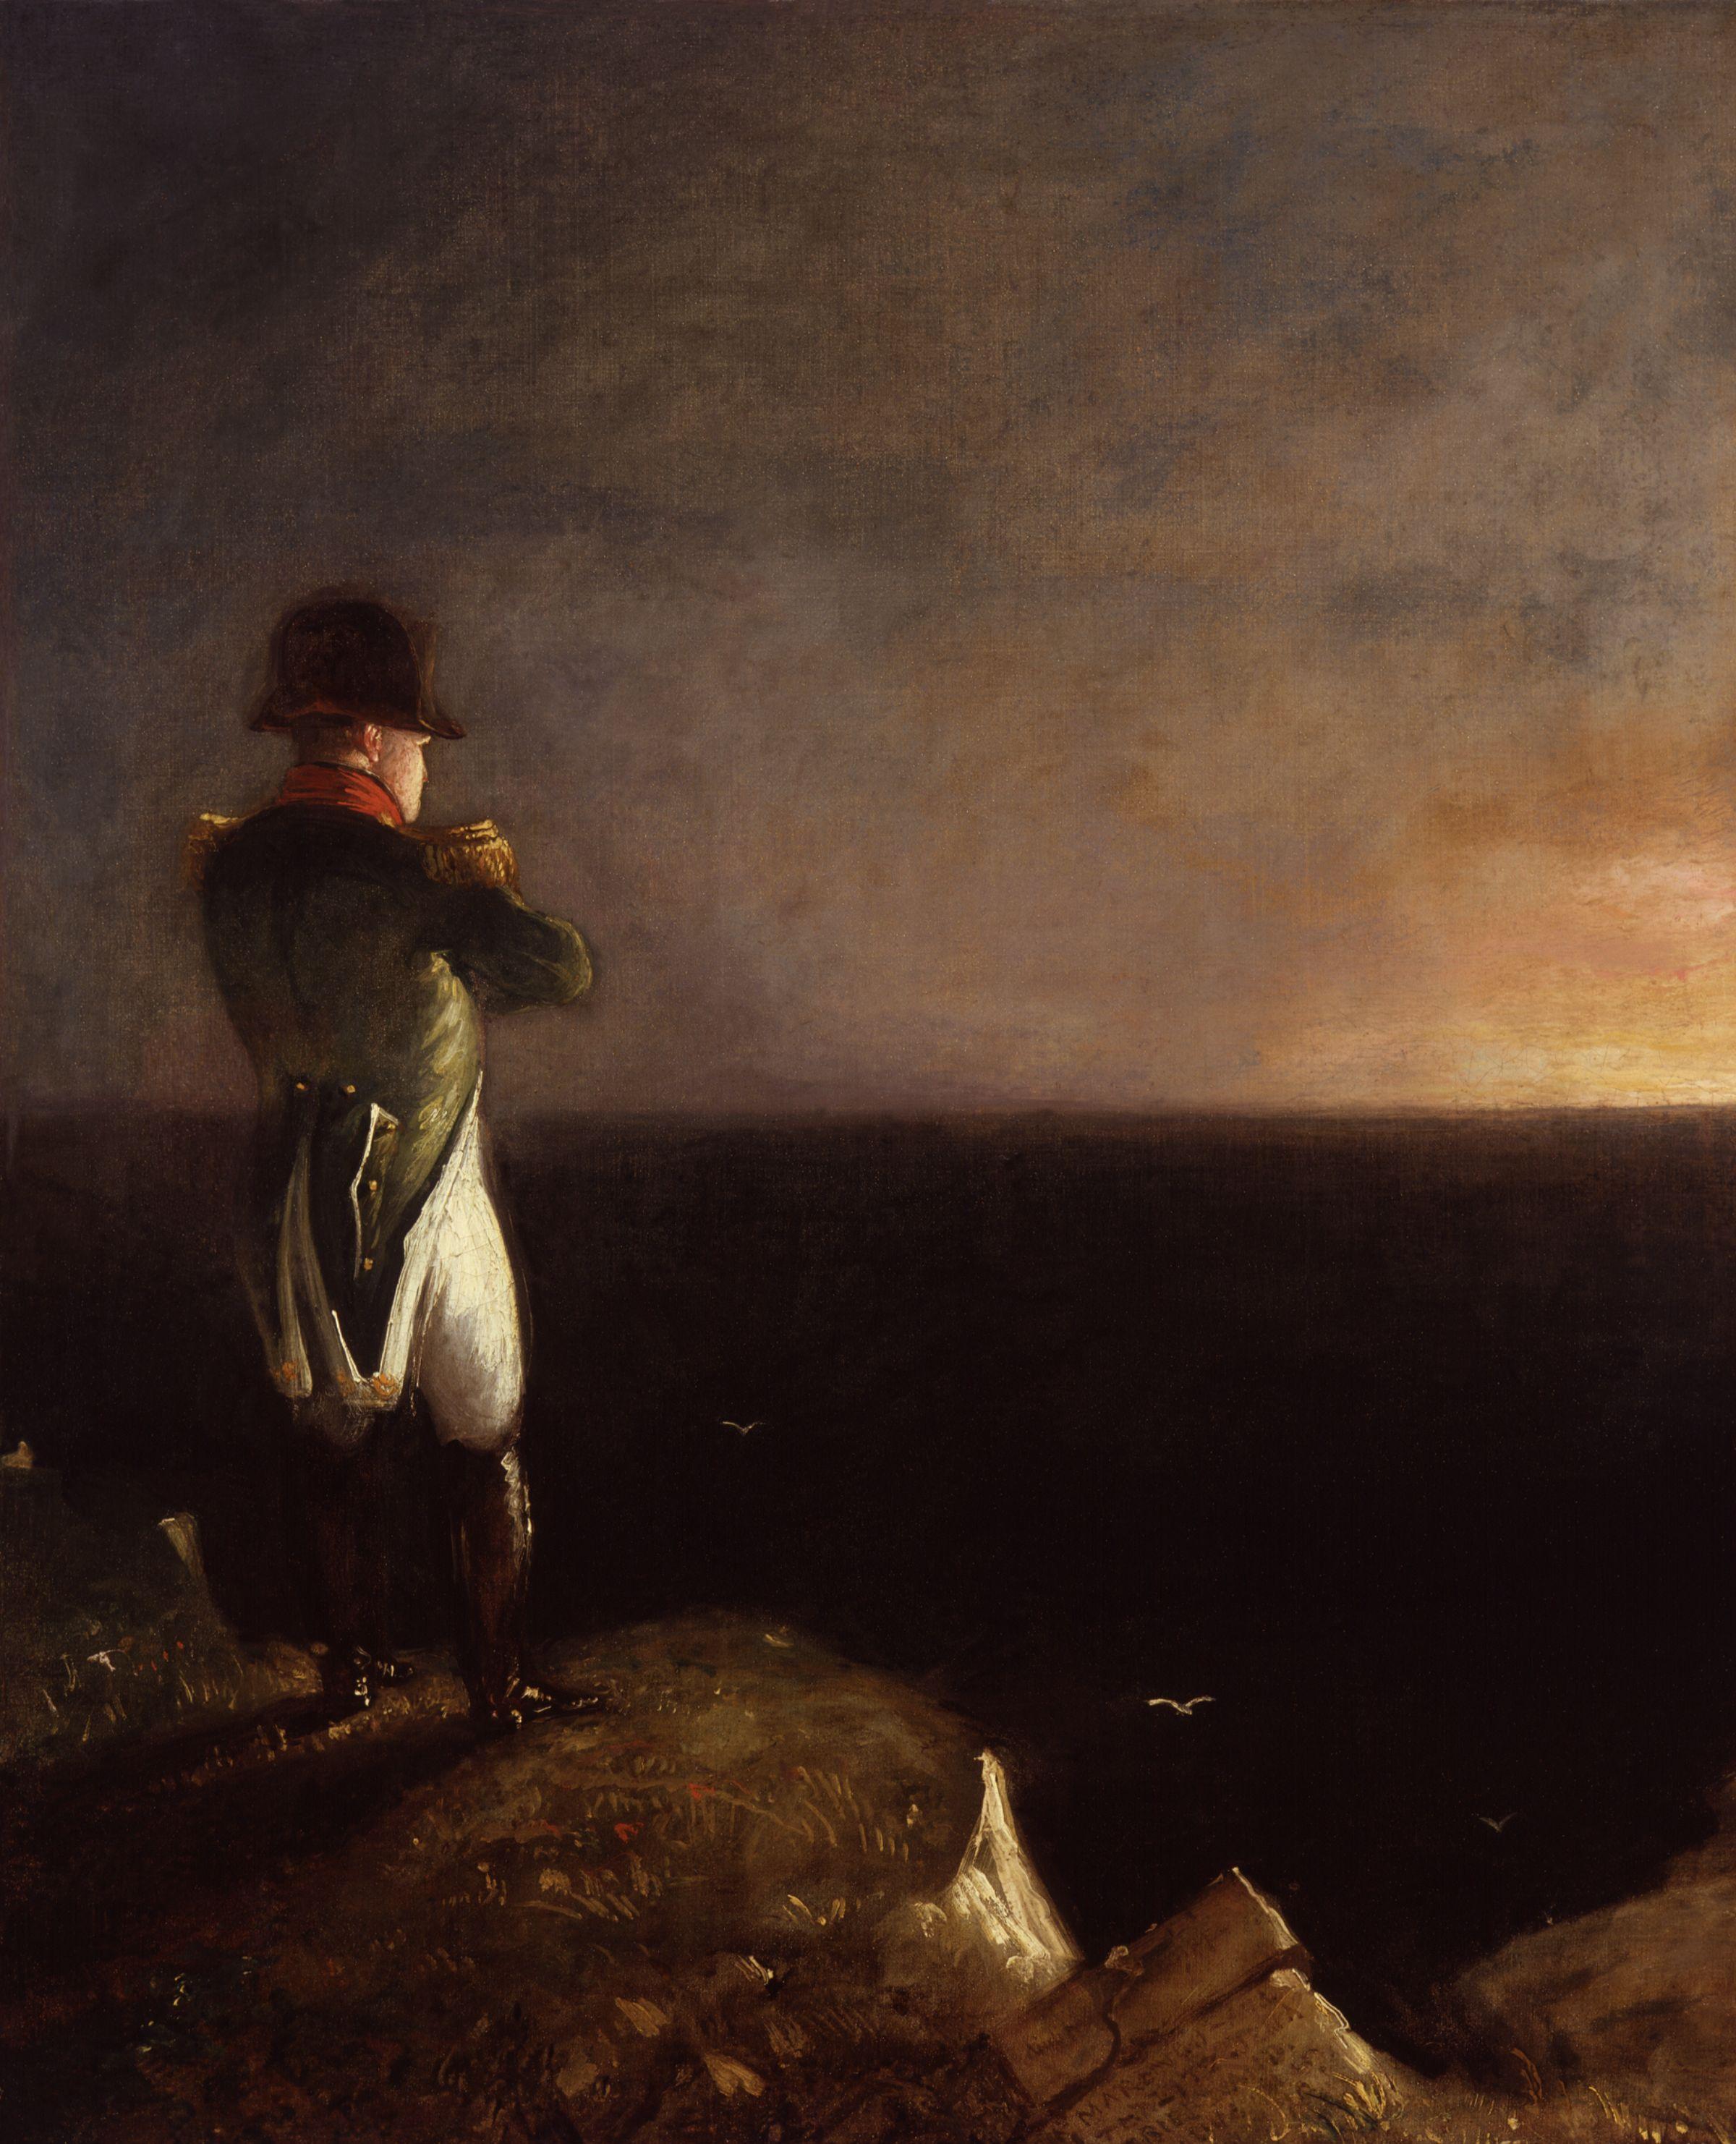 Limage de Napoléon était-elle prisonnière du Musée ? Est-elle plus libre sur Wikipédia ?